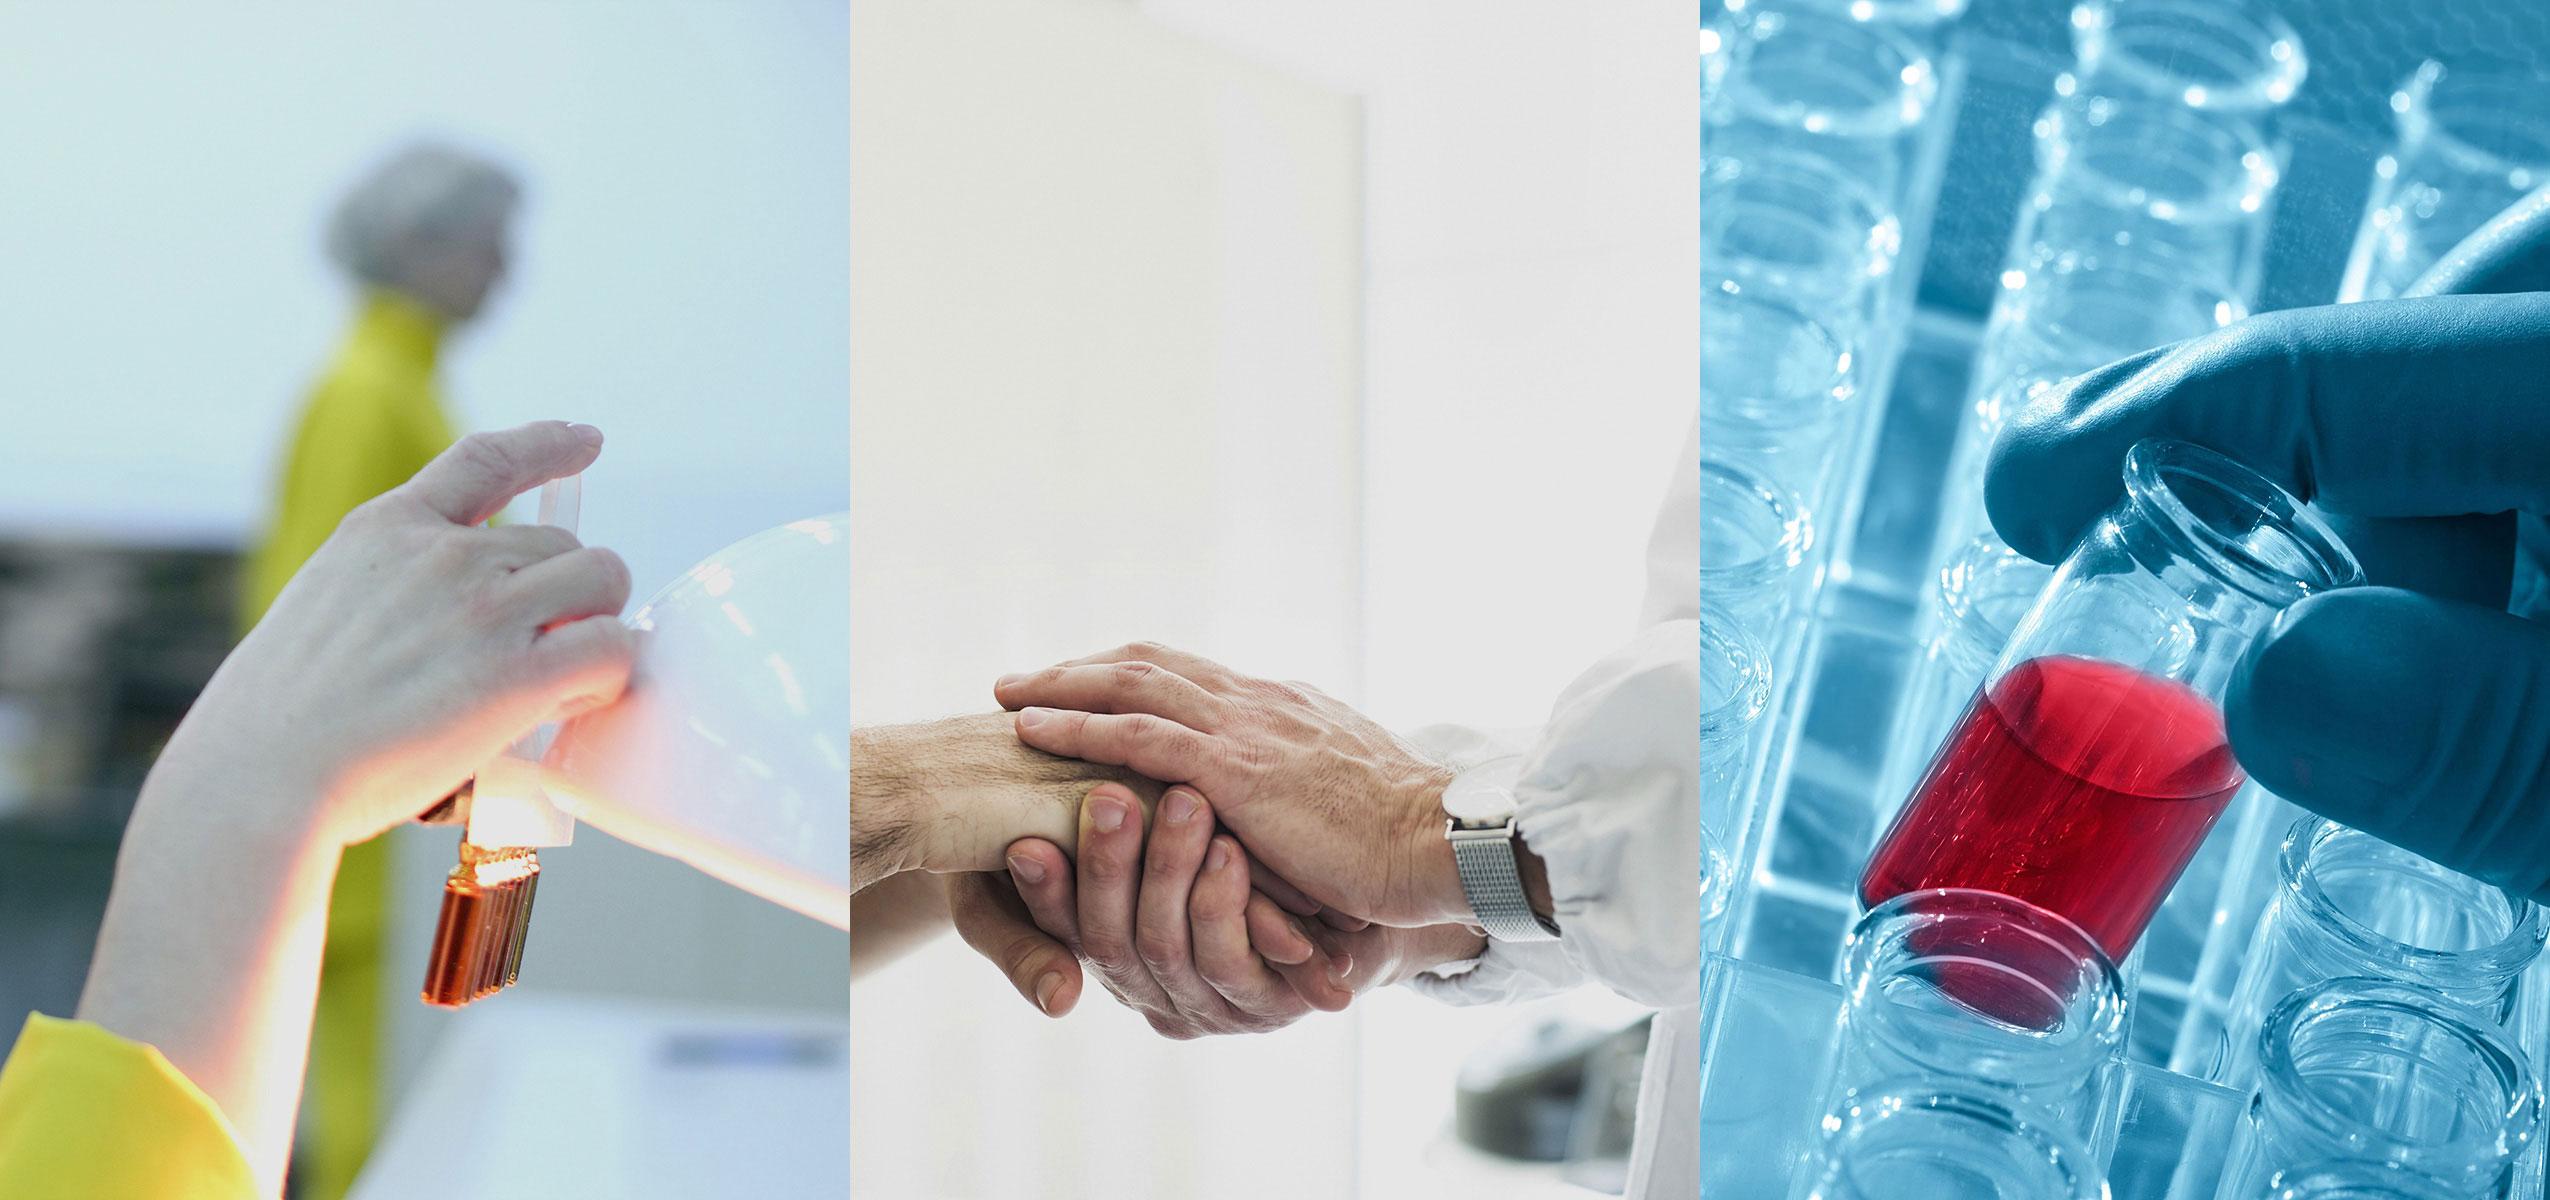 bioanalysis-homepage-2-new